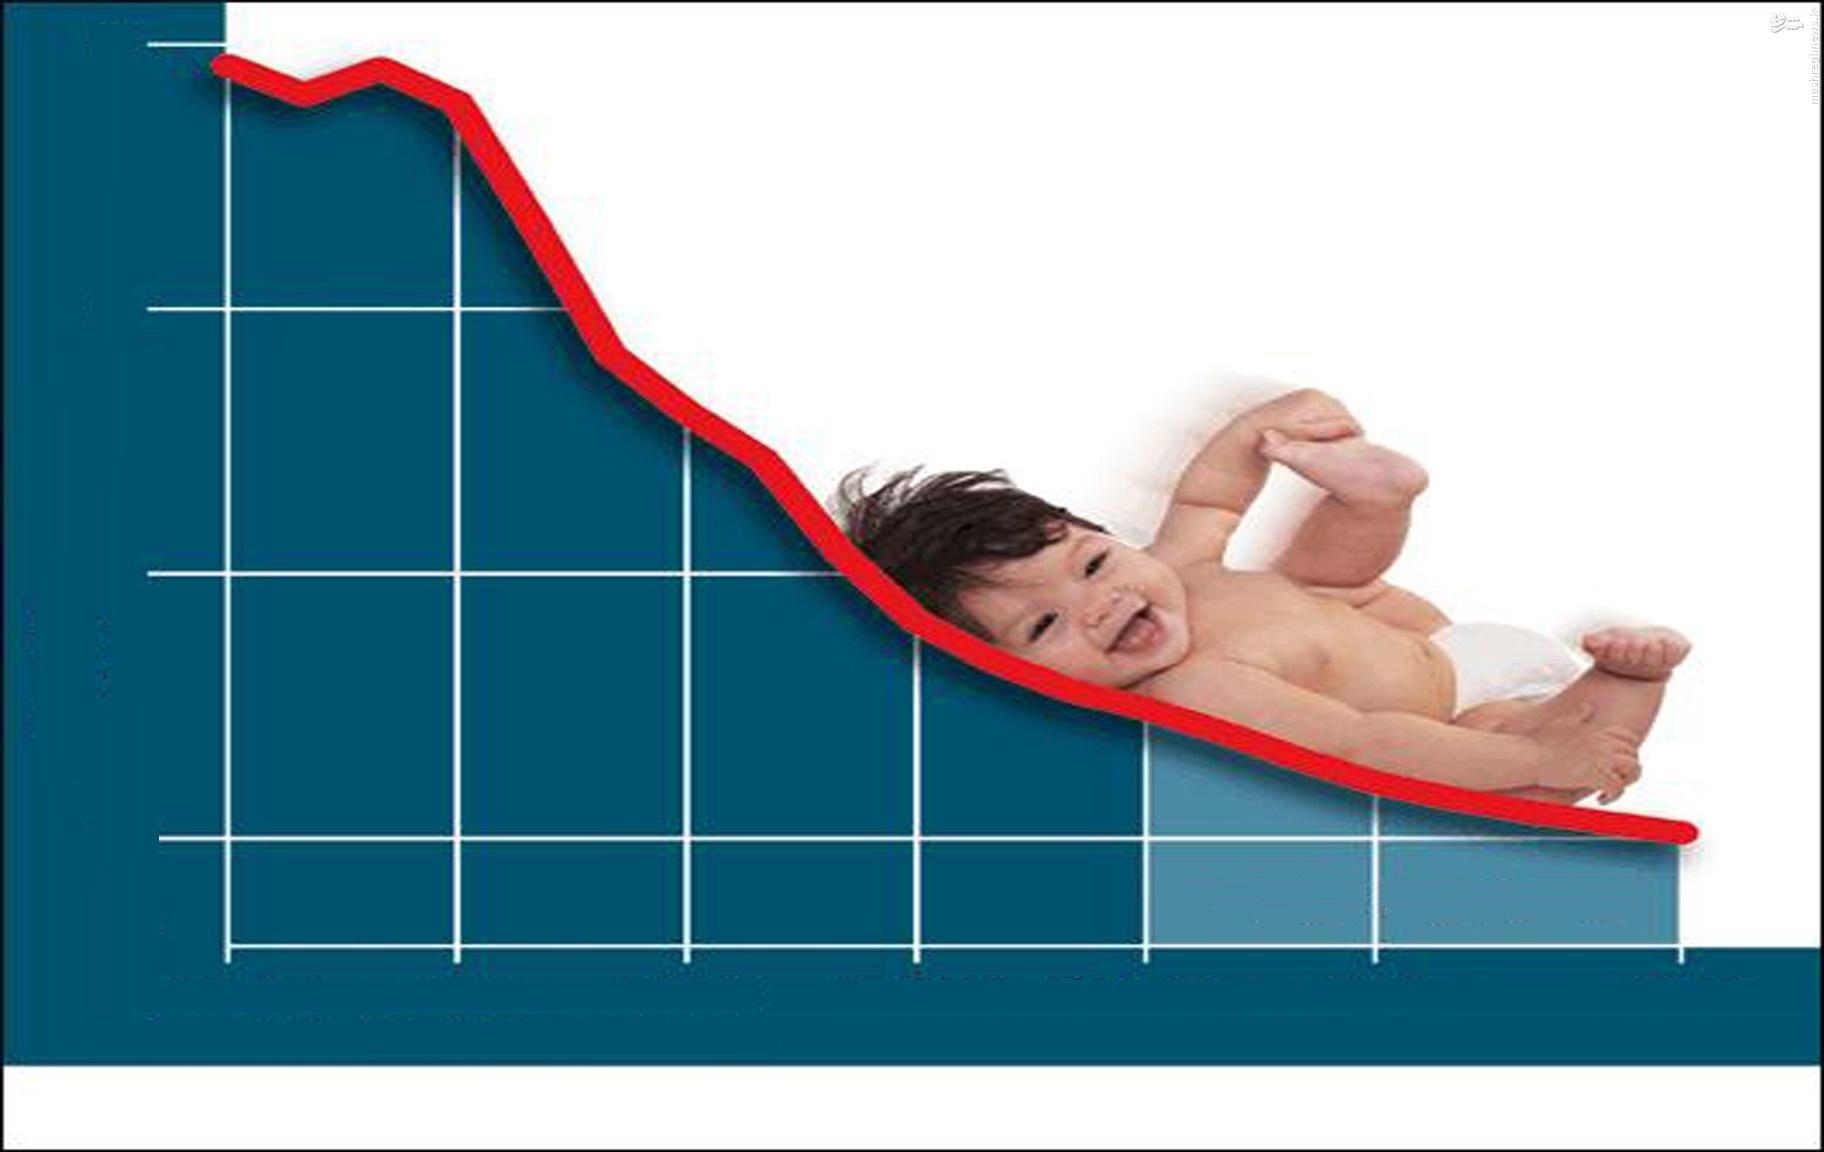 غیرت کاهش جمعیت داشتیم اما غیرت افزایش نداریم!/سوزن برنامهریزی ما روی کاهش جمعیت گیر کرده است!